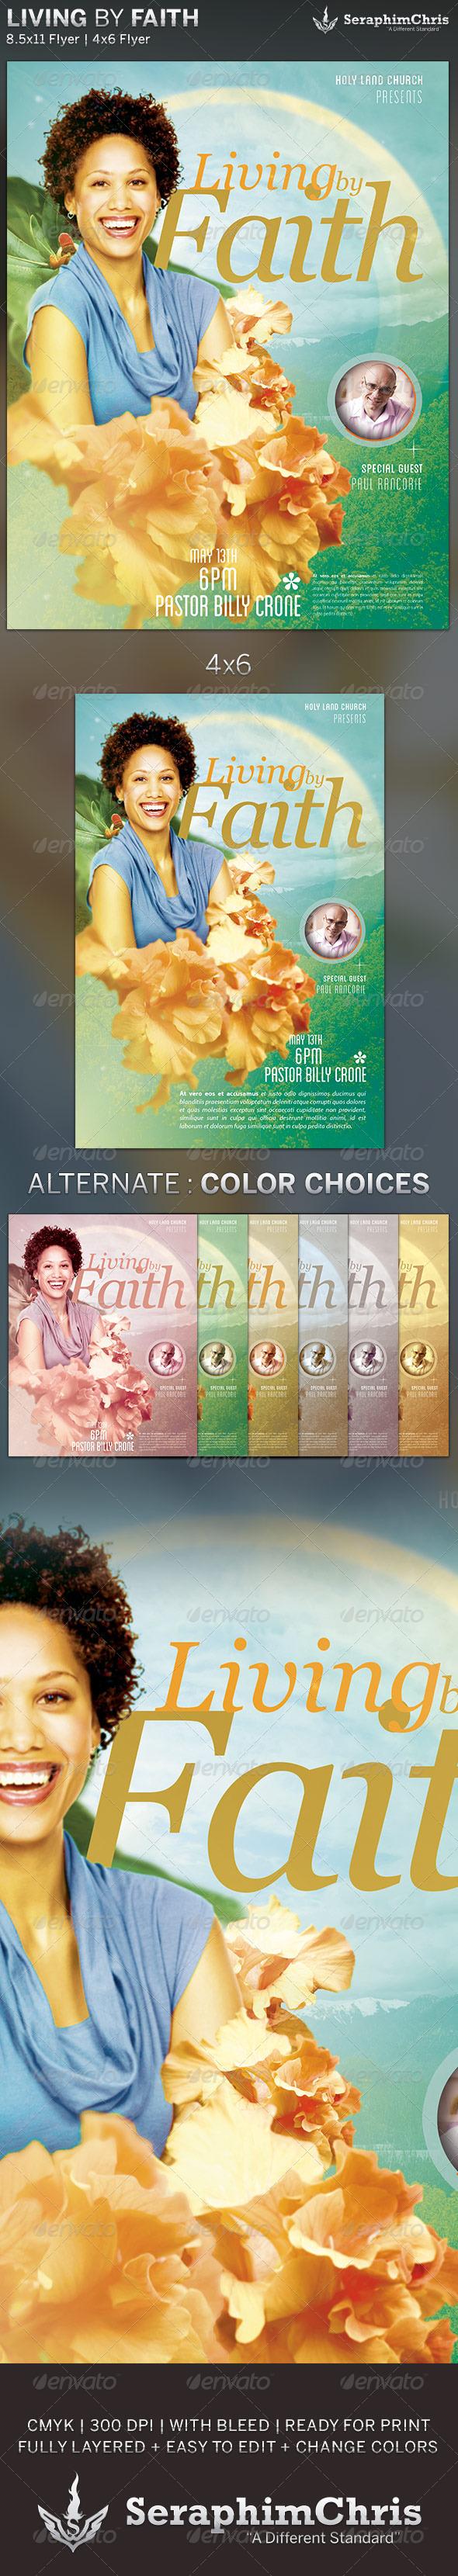 Living by Faith: Church Flyer Template - Church Flyers